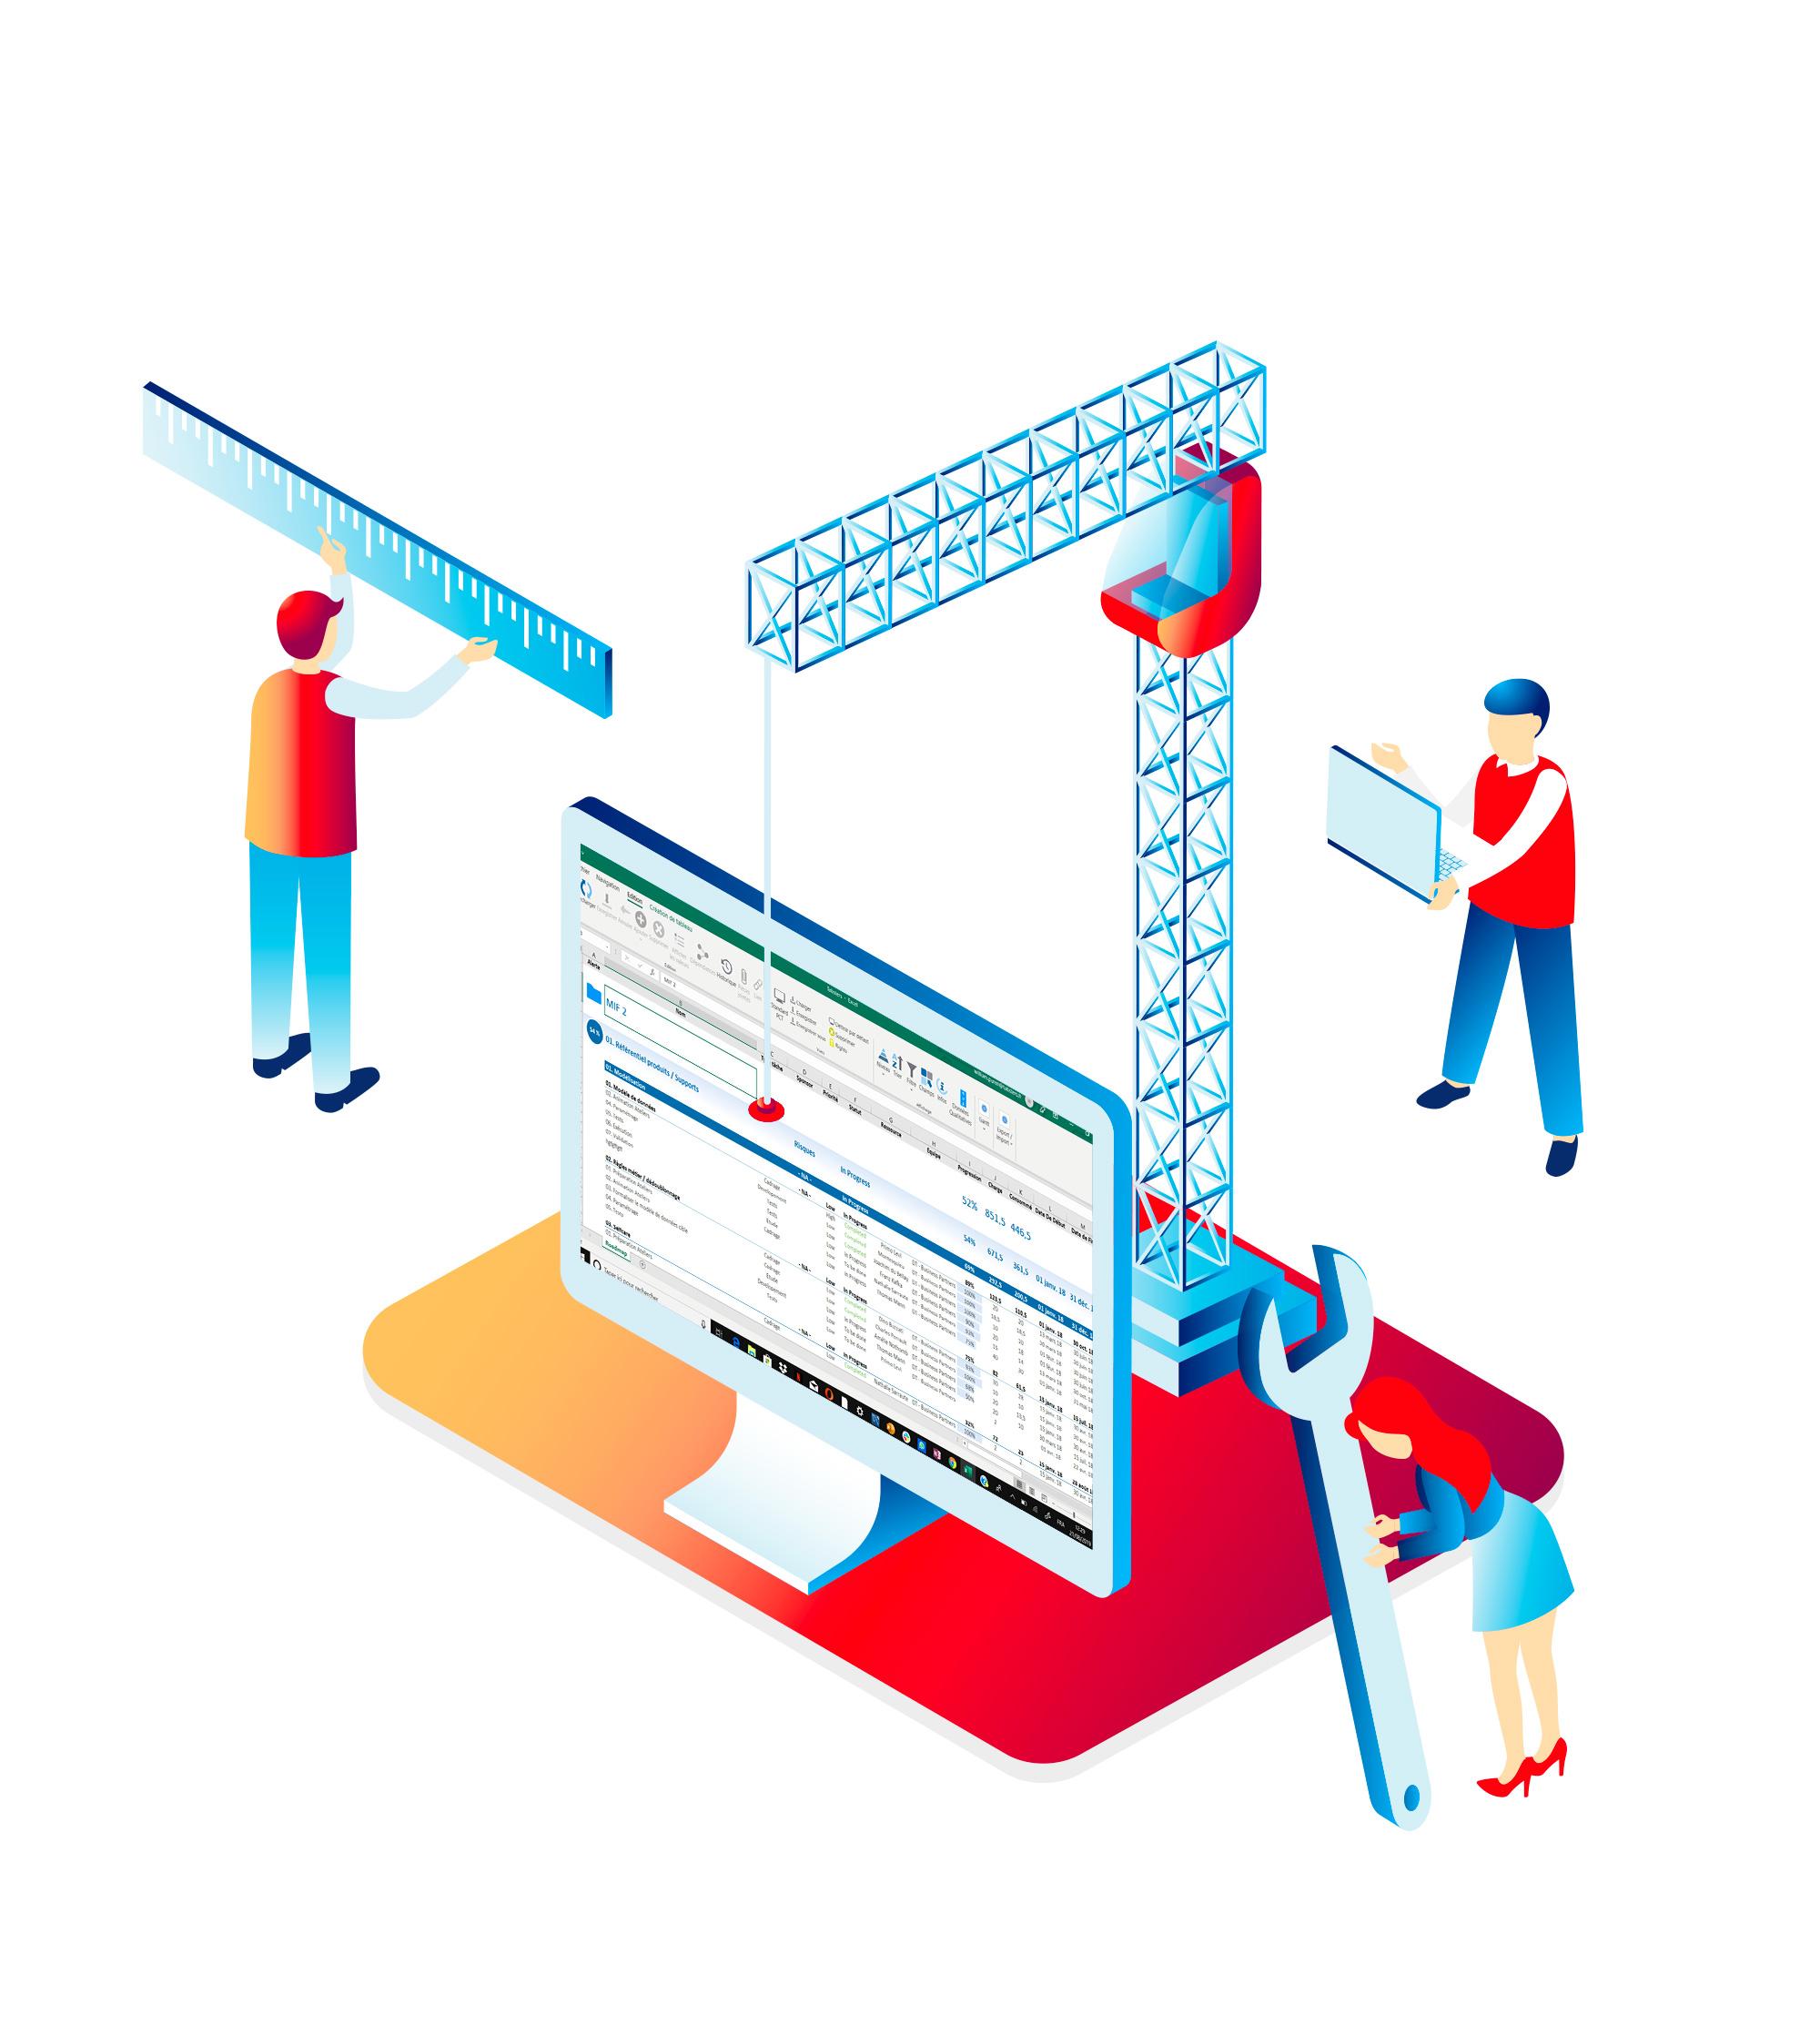 Diffusez votre méthodologie et gagnez en efficacité. - Nous offrons dans Tabsters la possibilité de structurer et de normer vos éléments avec des axes d'analyse sur l'ensemble des objets Tabsters (projets, équipes, performance, budgets …). Chaque acteur parle le même langage, le partage de l'information et la consolidation sont simplifiés.Fini les nombreux fichiers Excel fragmentés, vous travaillez tous de la même manière, avec la même norme.Nous offrons l'opportunité d'importer vos données existantes ou de connecter vos systèmes via APIs sur mesure (Excel, Jira, Planisware).